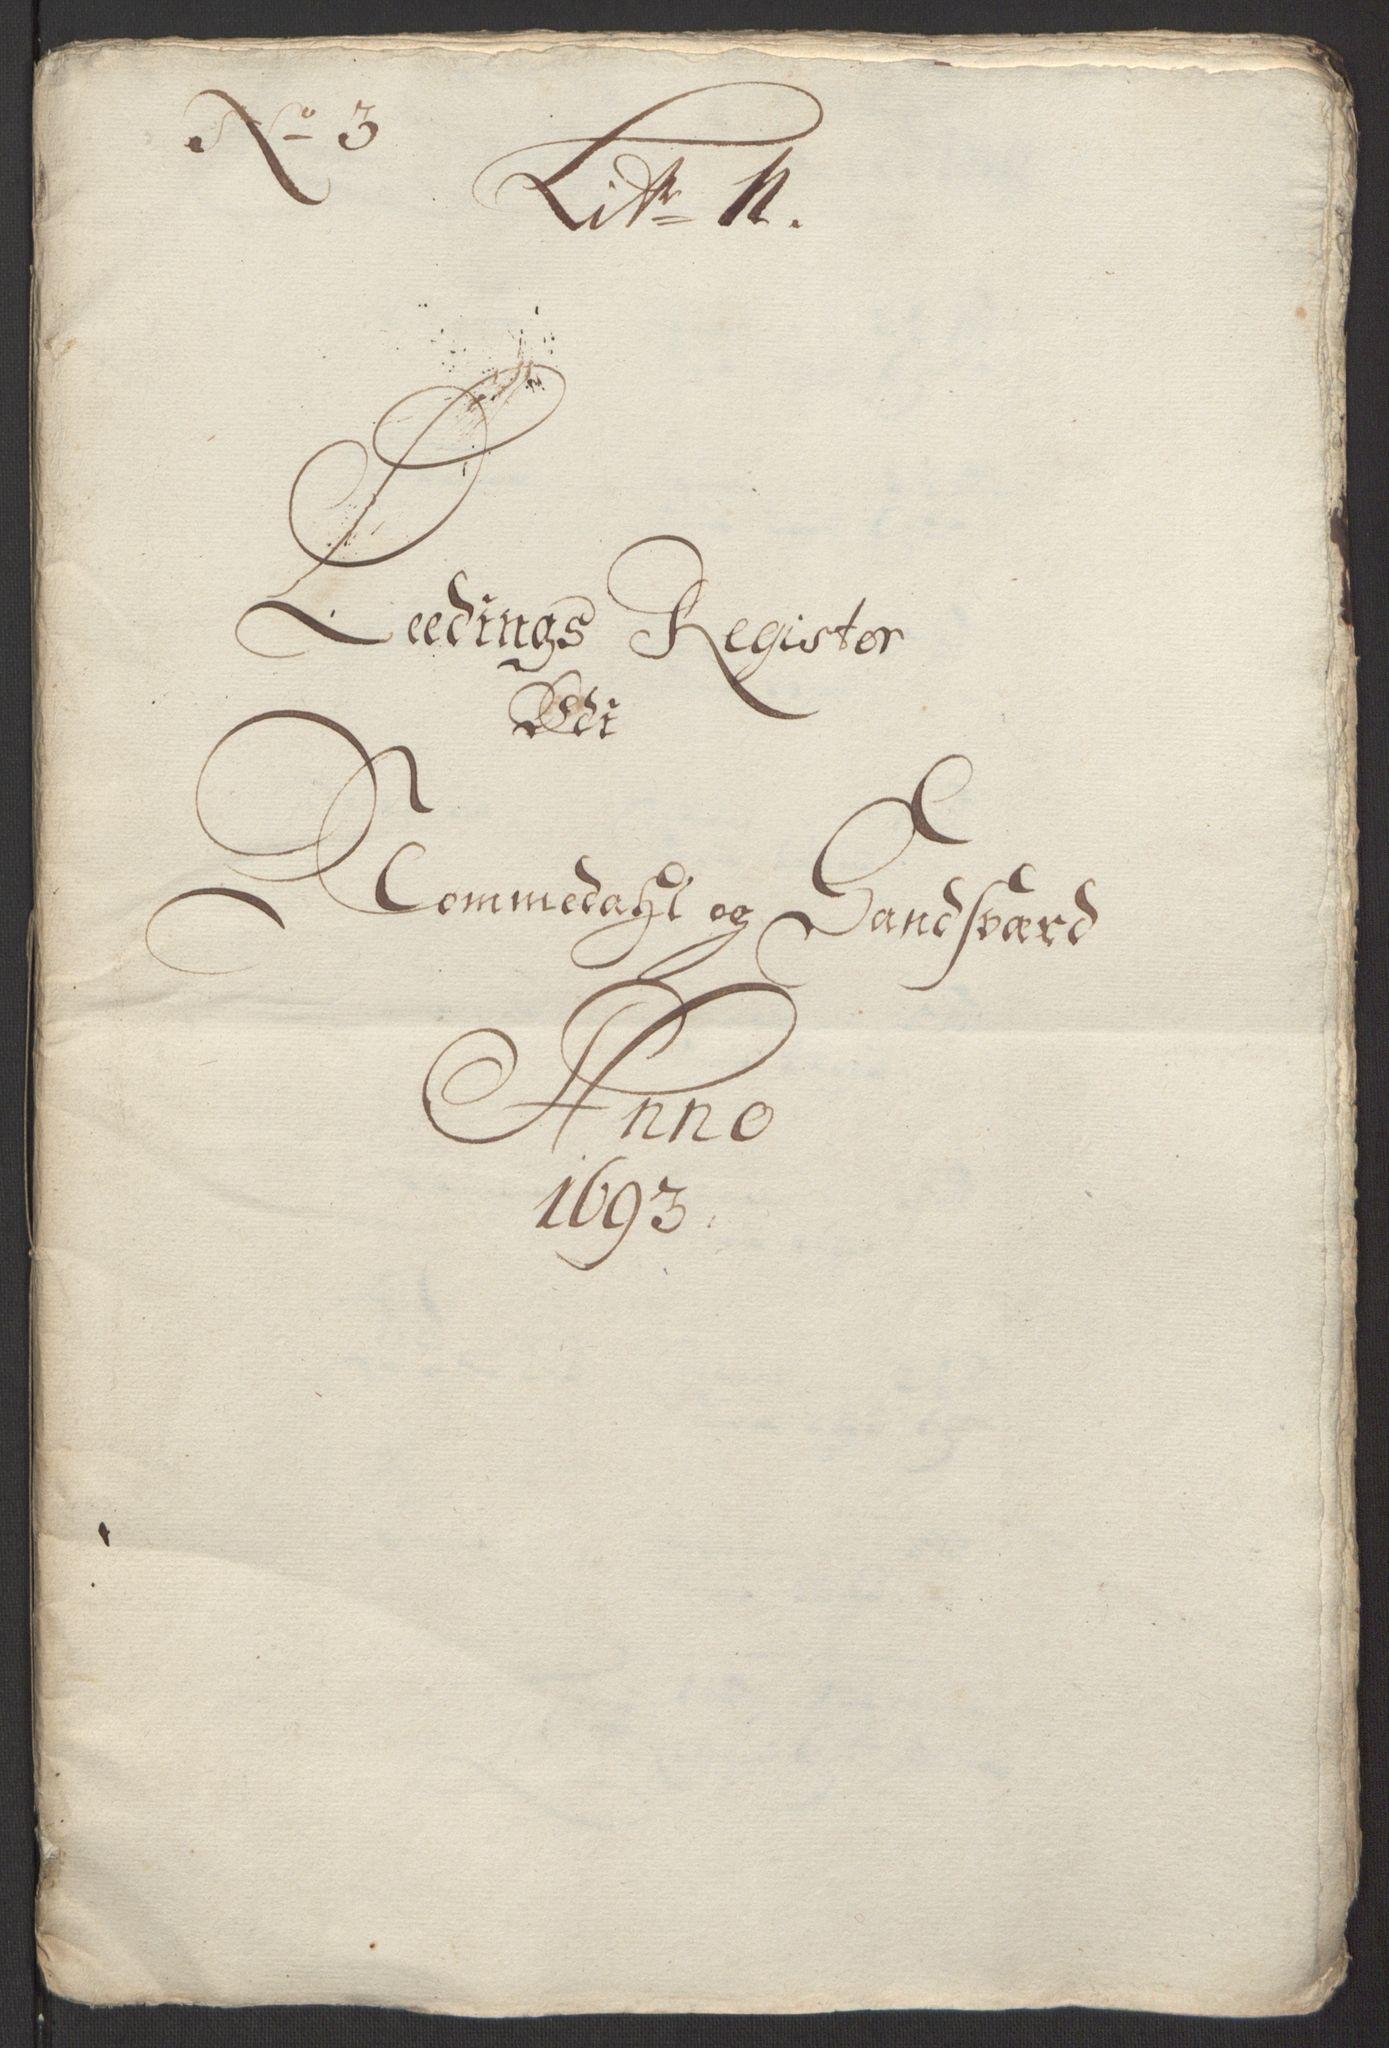 RA, Rentekammeret inntil 1814, Reviderte regnskaper, Fogderegnskap, R24/L1575: Fogderegnskap Numedal og Sandsvær, 1692-1695, s. 127